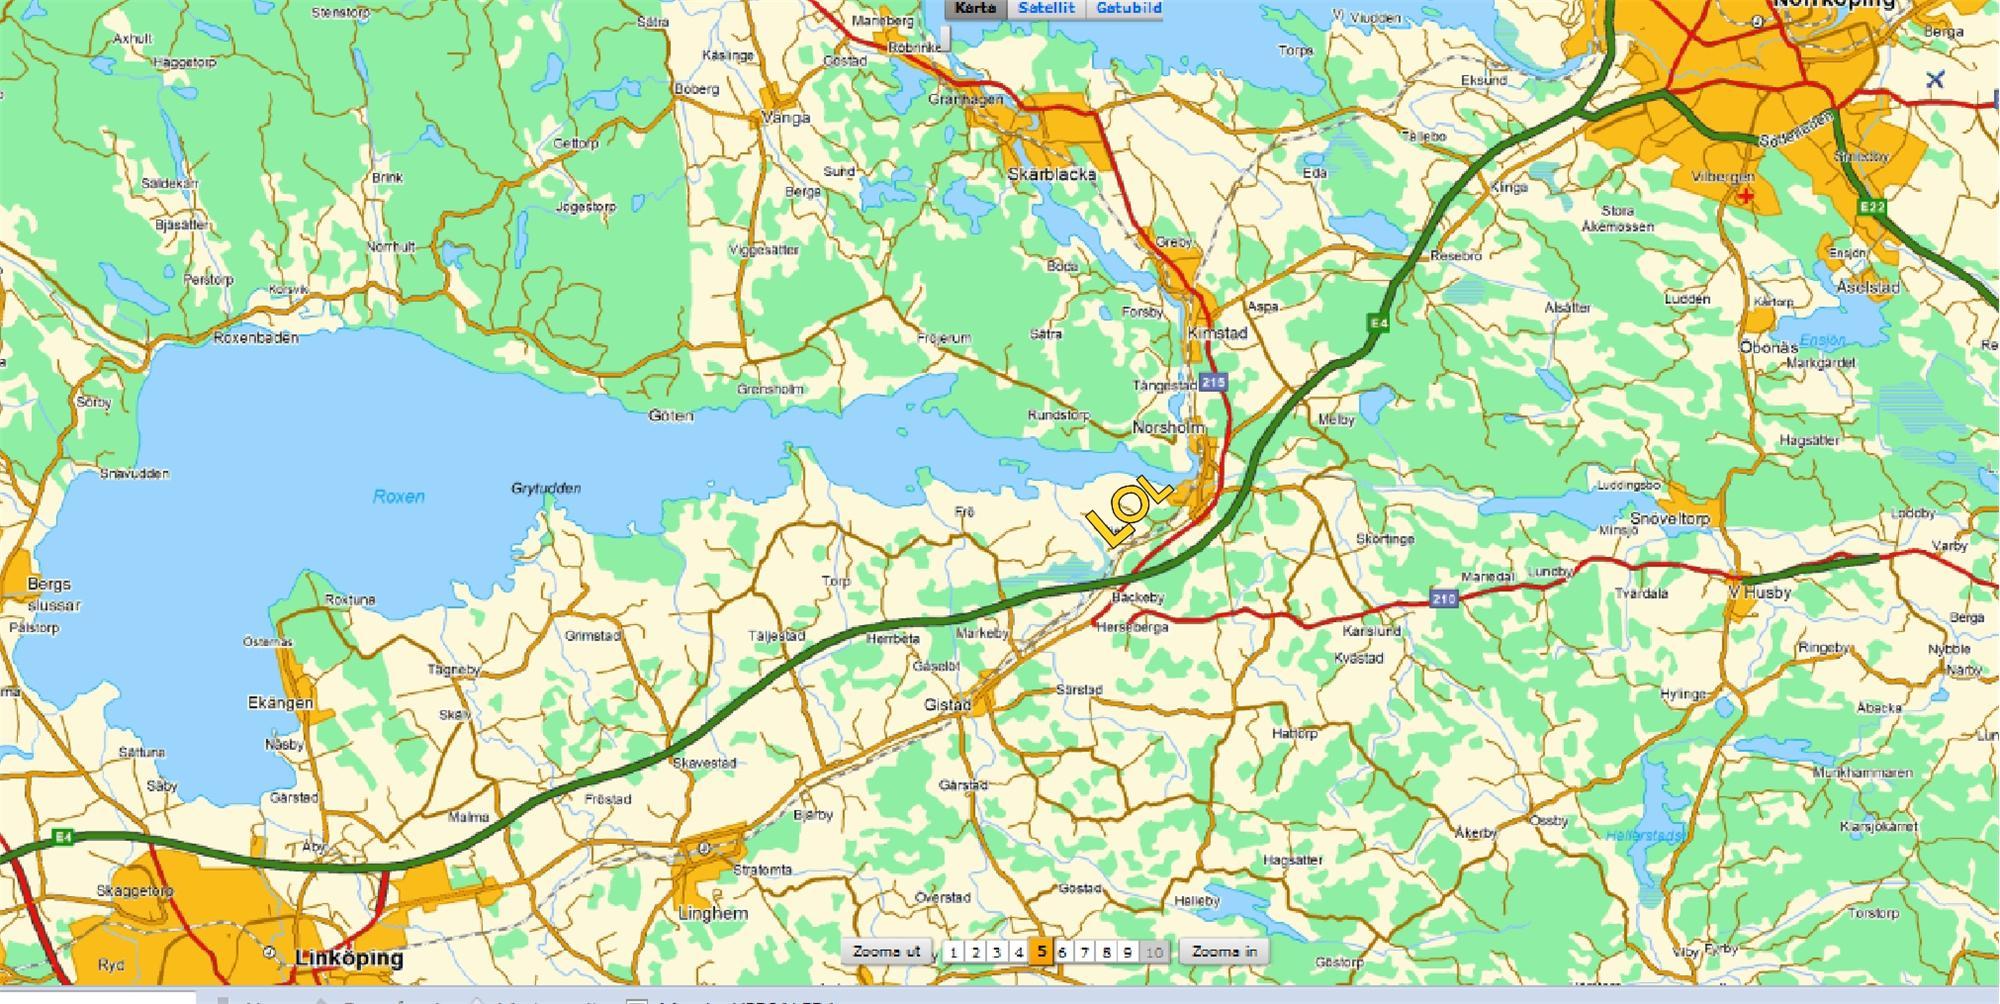 flygplats norrköping karta